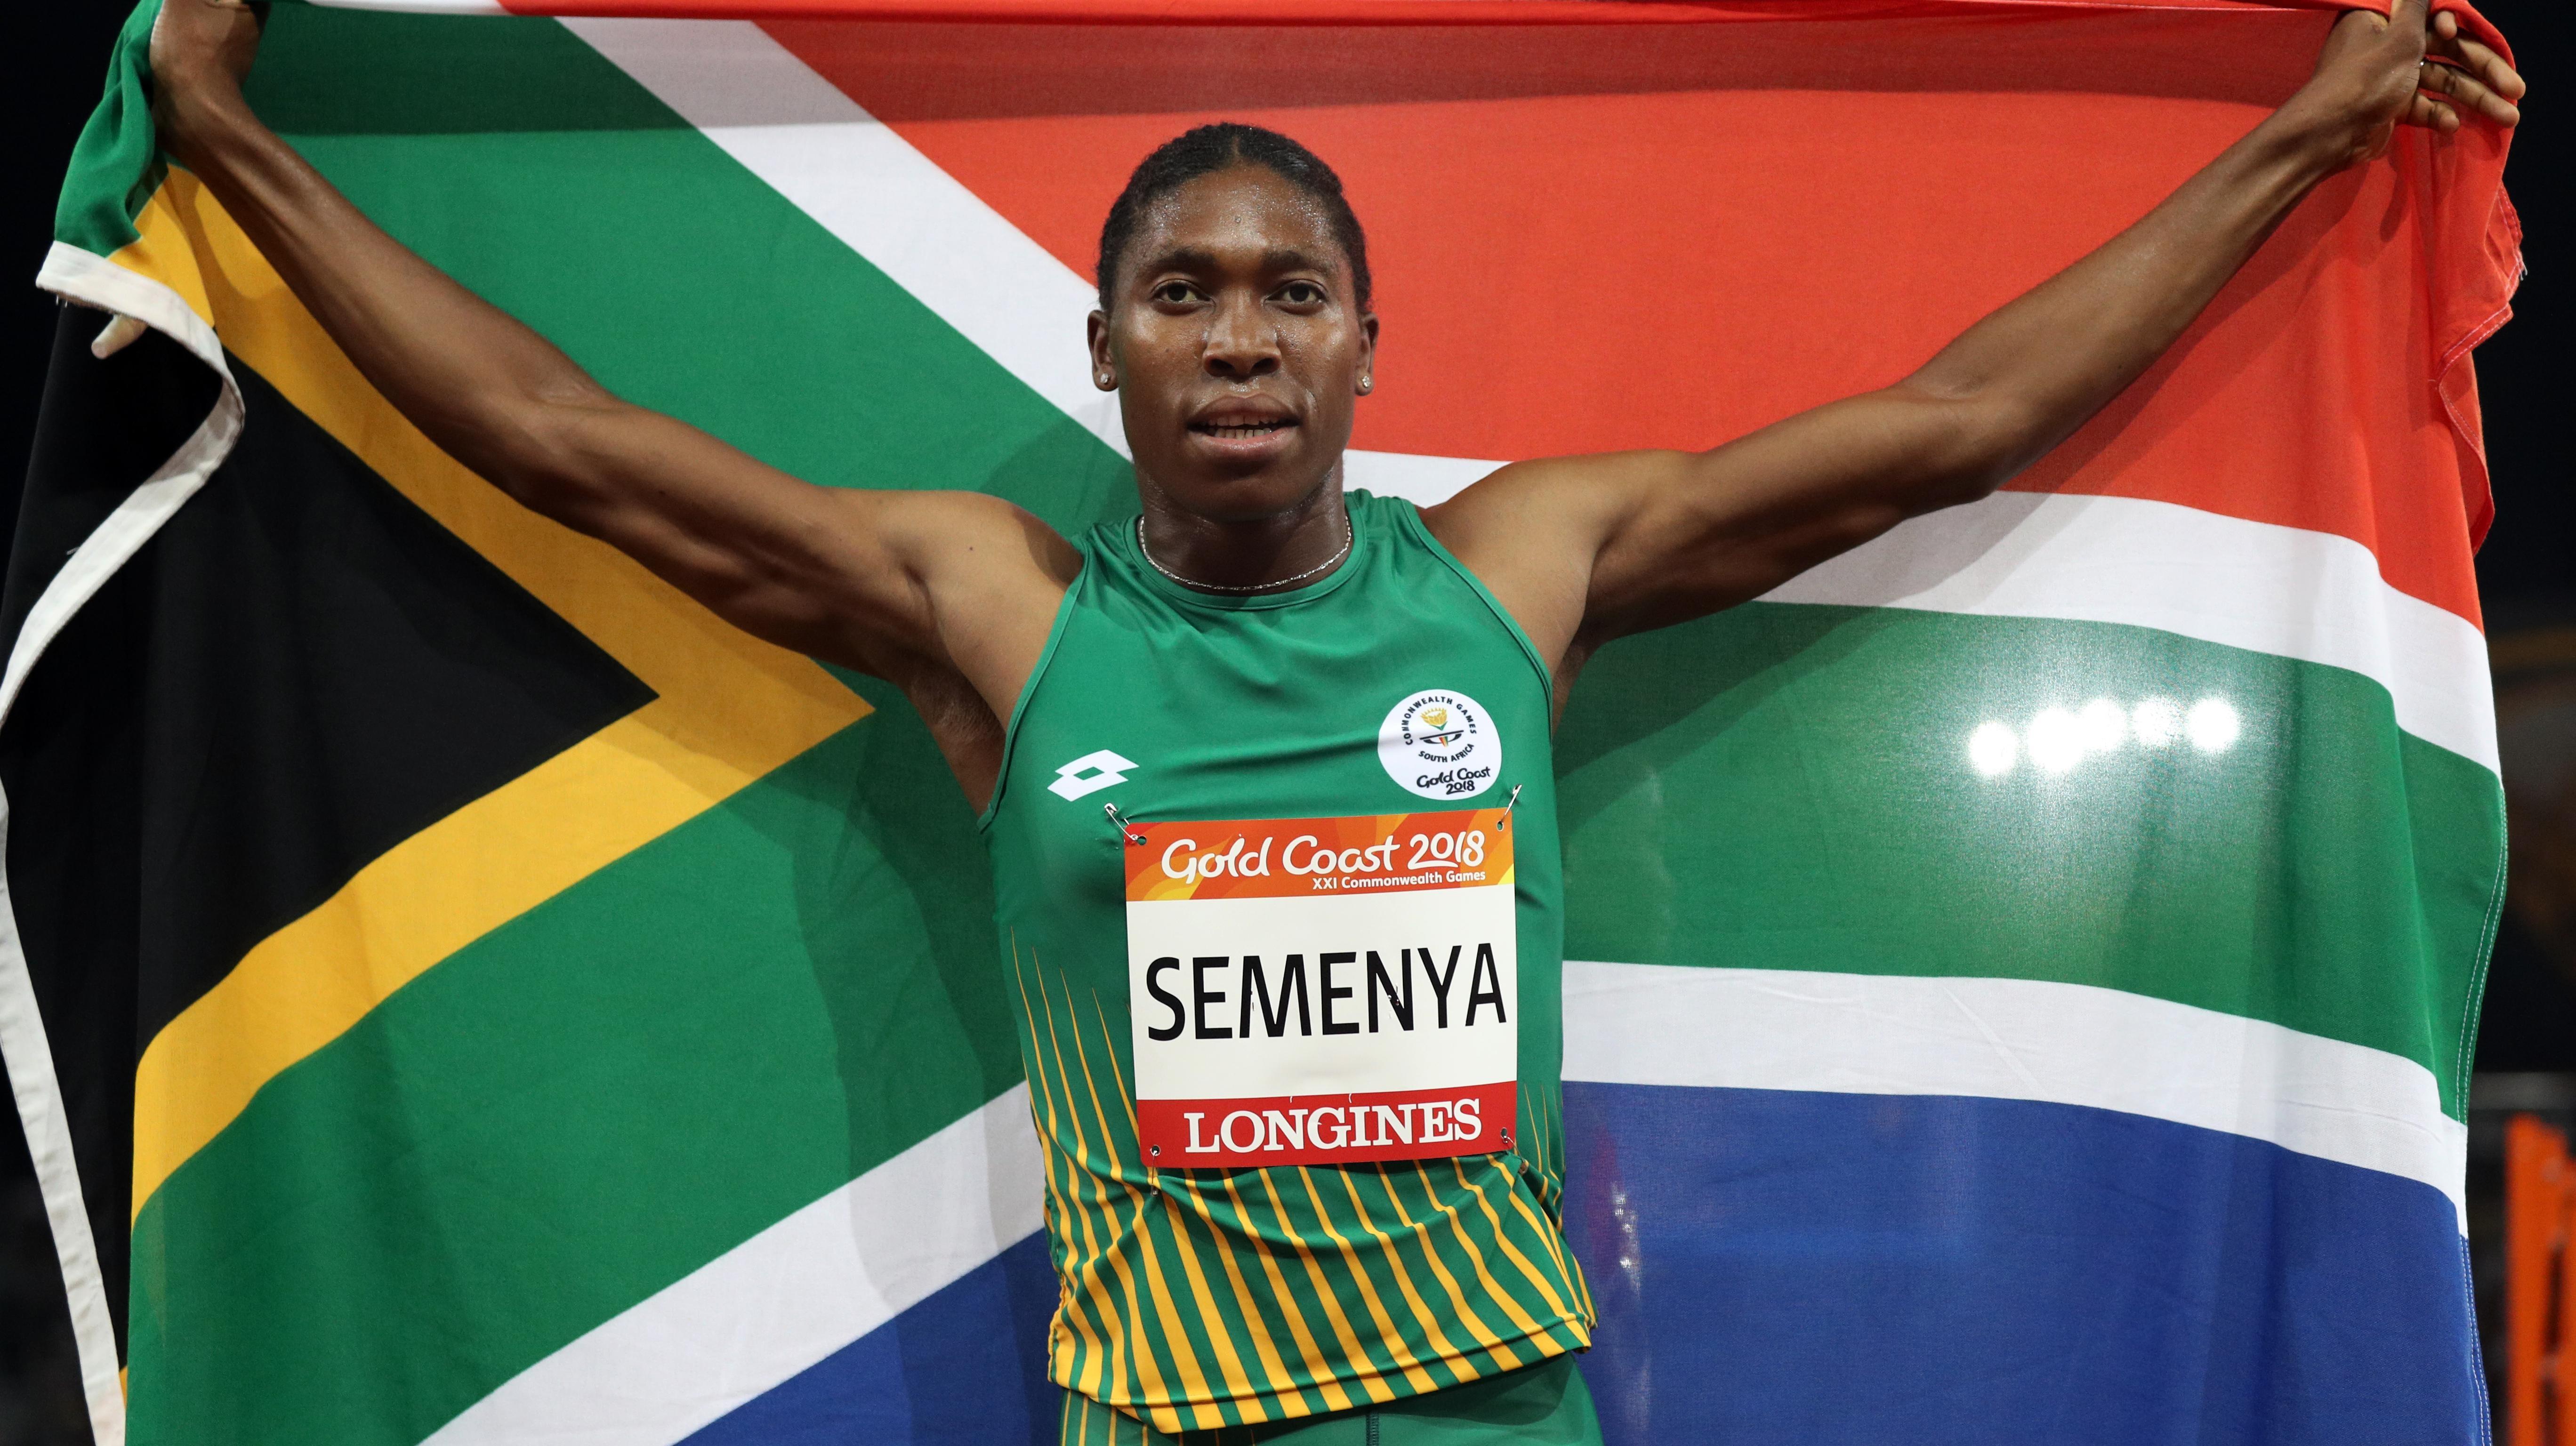 Южноафриканката лекоатлетка Кастер Семеня, позната и като жената-мъж, стана първата